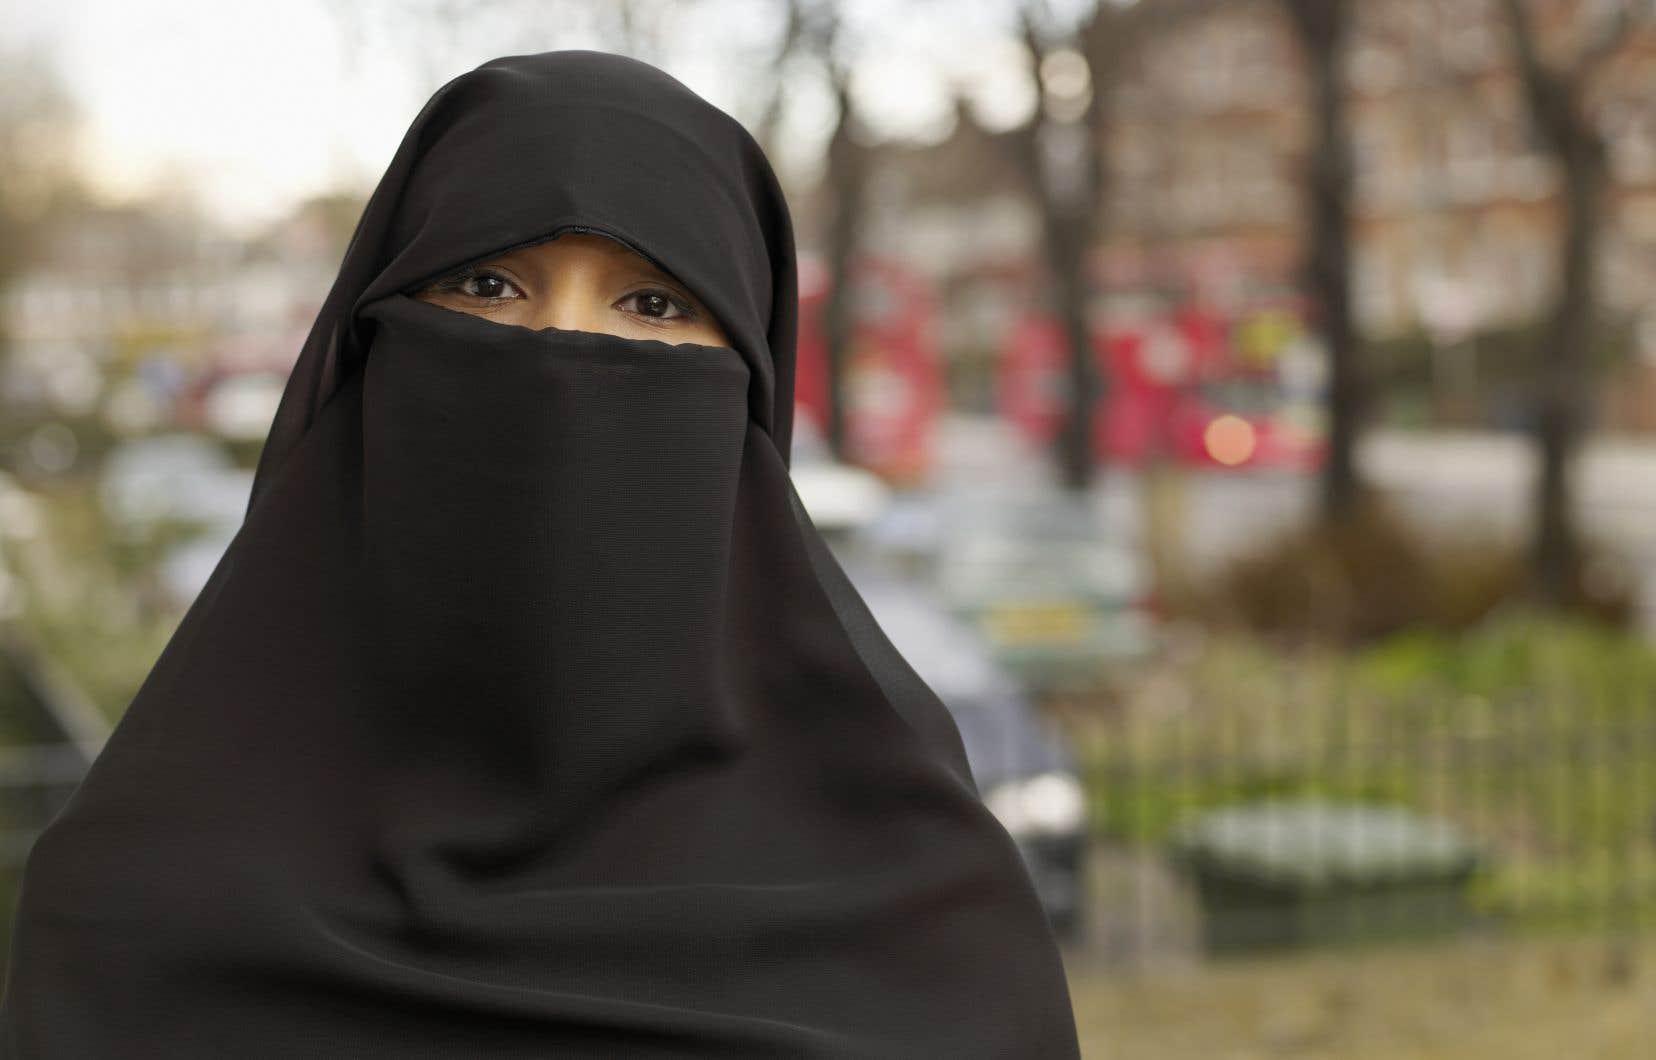 «Les dirigeants du parti ferment les yeux sur le fait que le voile islamique est non seulement un signe religieux, mais aussi un symbole ostensible d'infériorisation et de soumission des femmes. Et cela, même s'il est porté librement et par choix», écrit l'auteur.